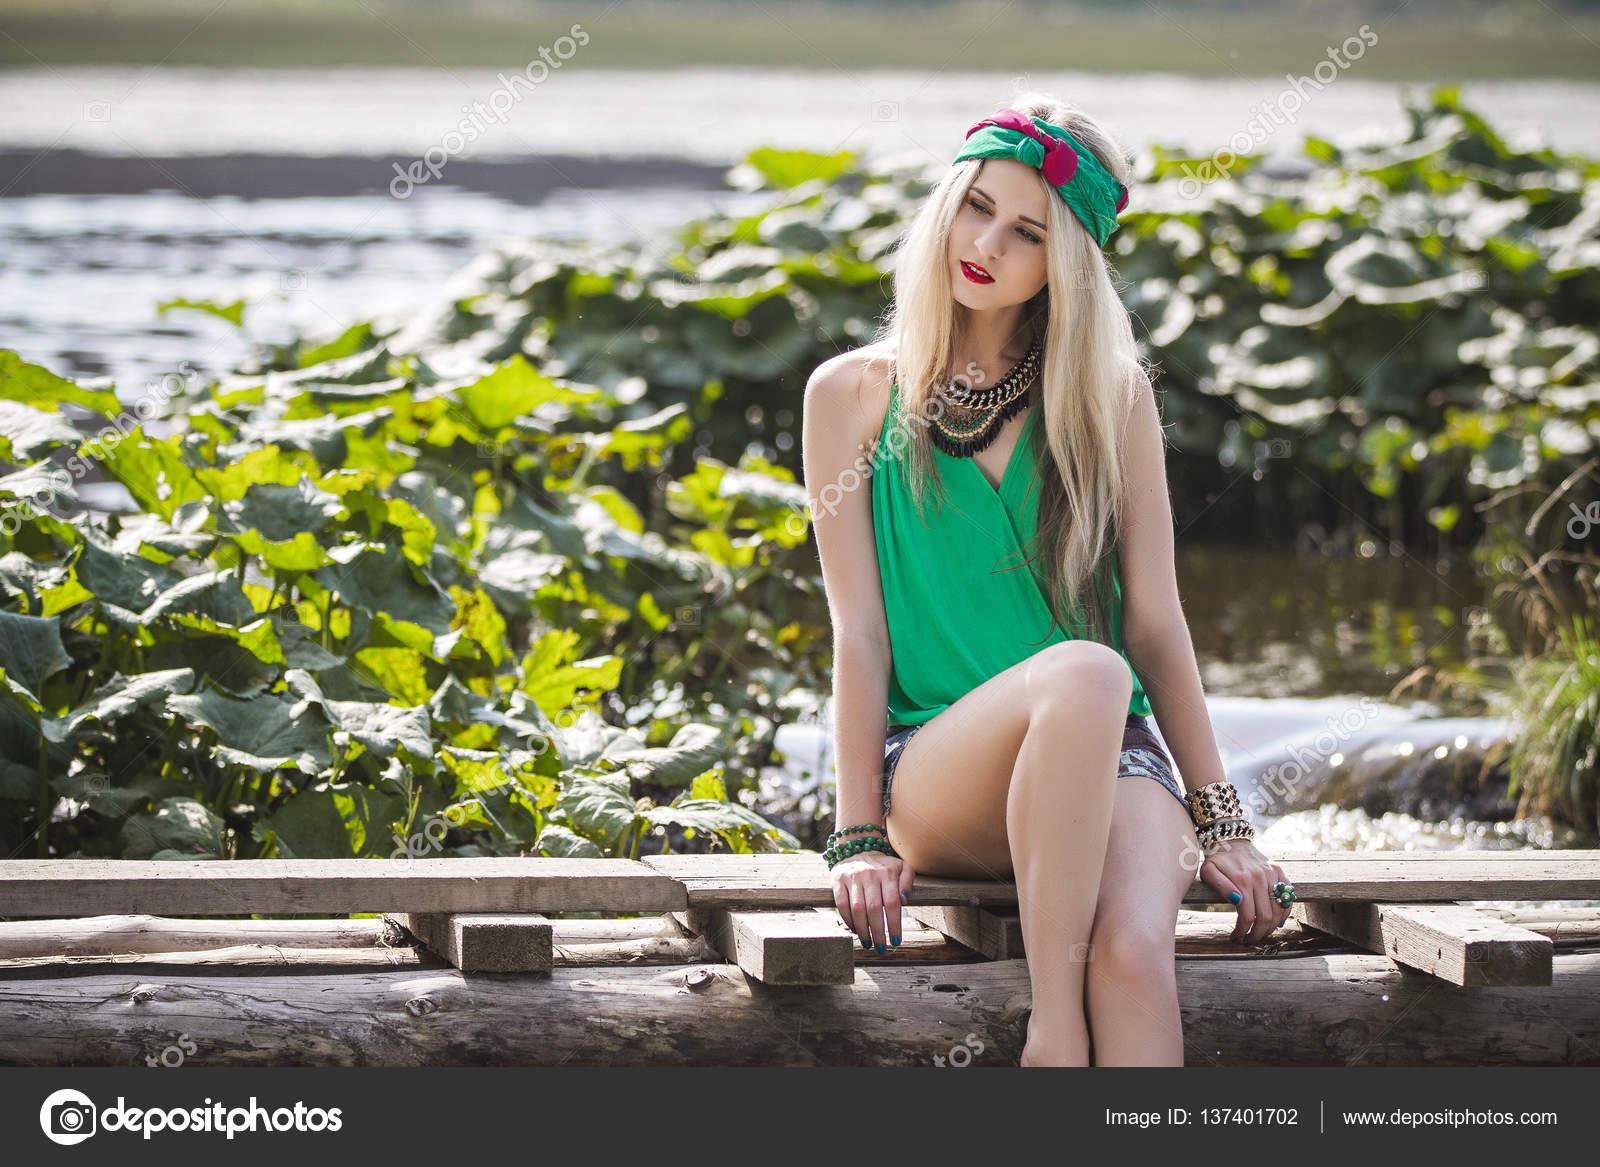 porno-onlayn-foto-blondinka-v-trusikah-u-vodi-rabotnitsi